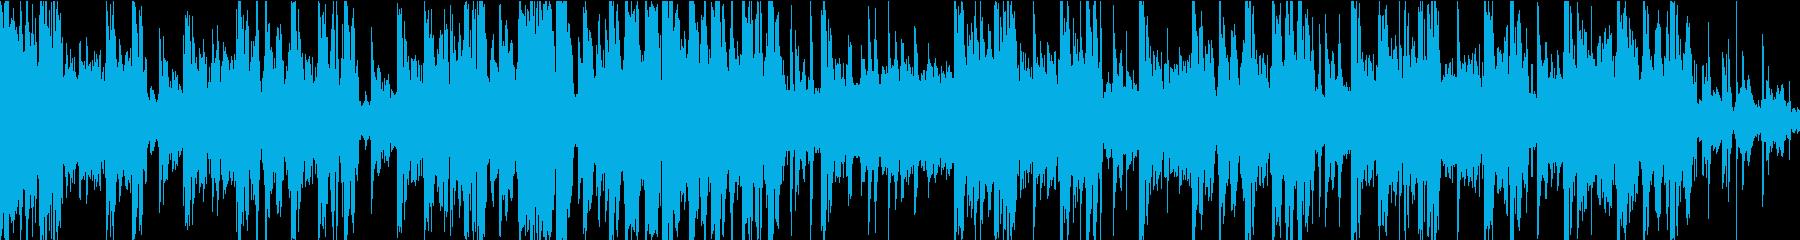 ダークダブ/ダブステップ。典型的な...の再生済みの波形